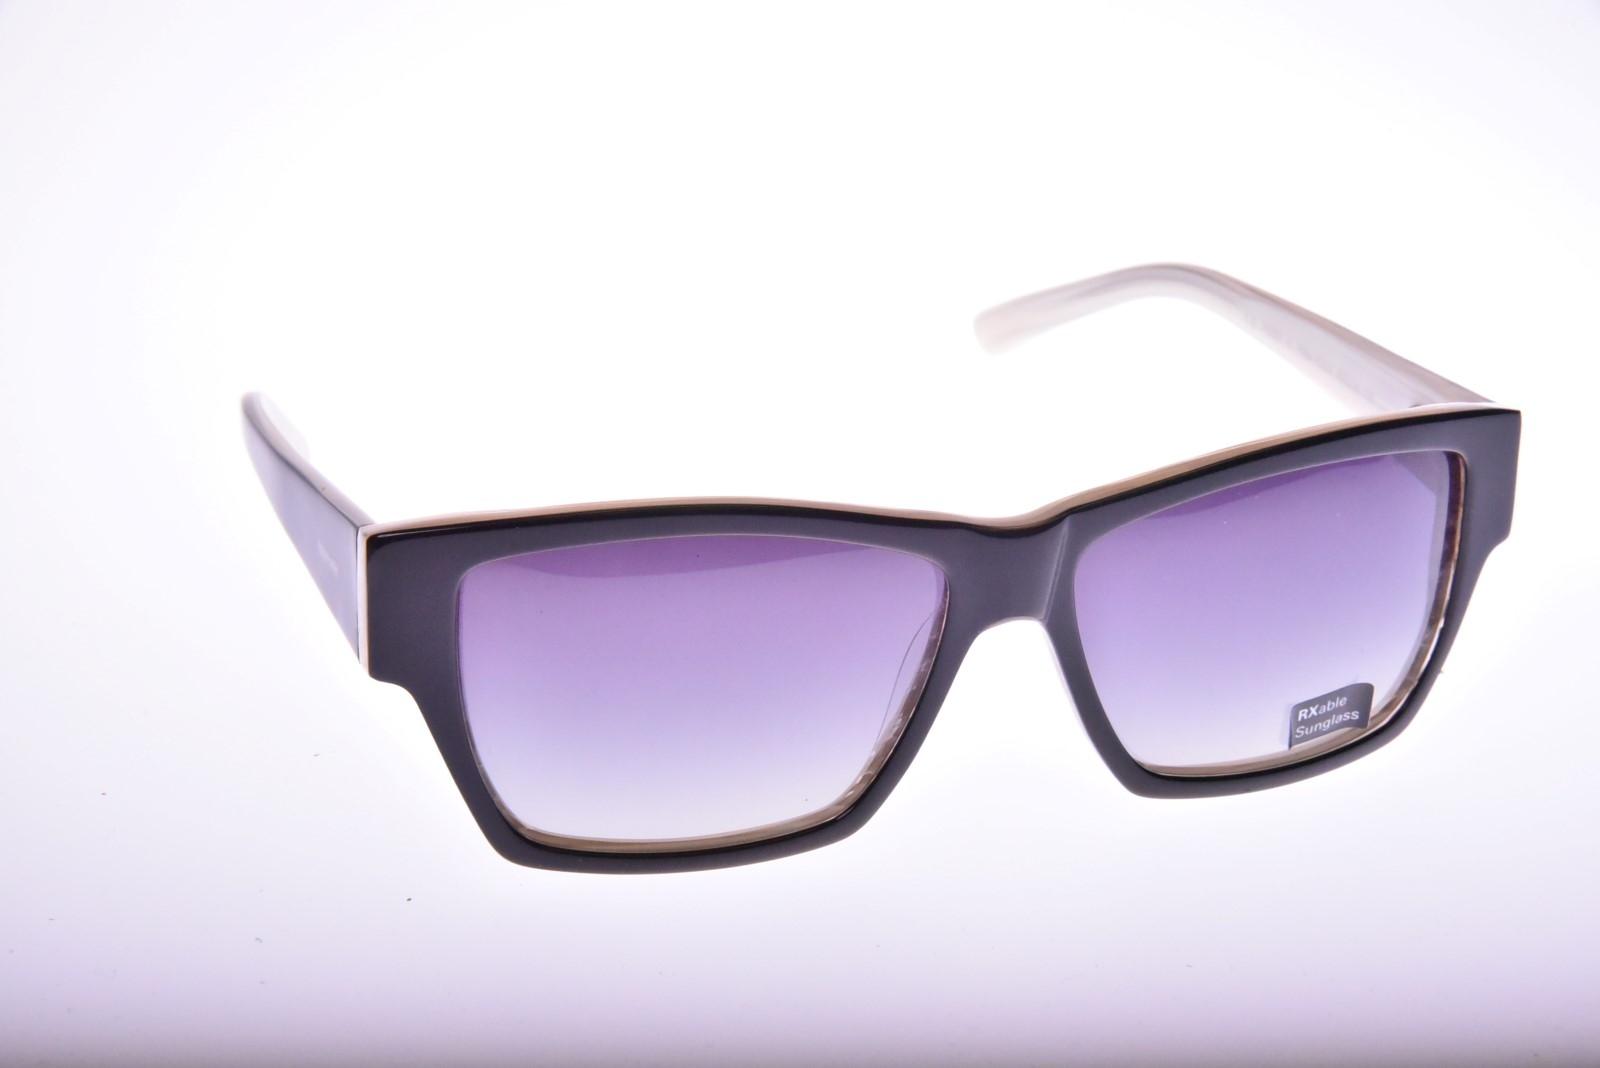 Polaroid RXable P9357A - Dámske slnečné okuliare